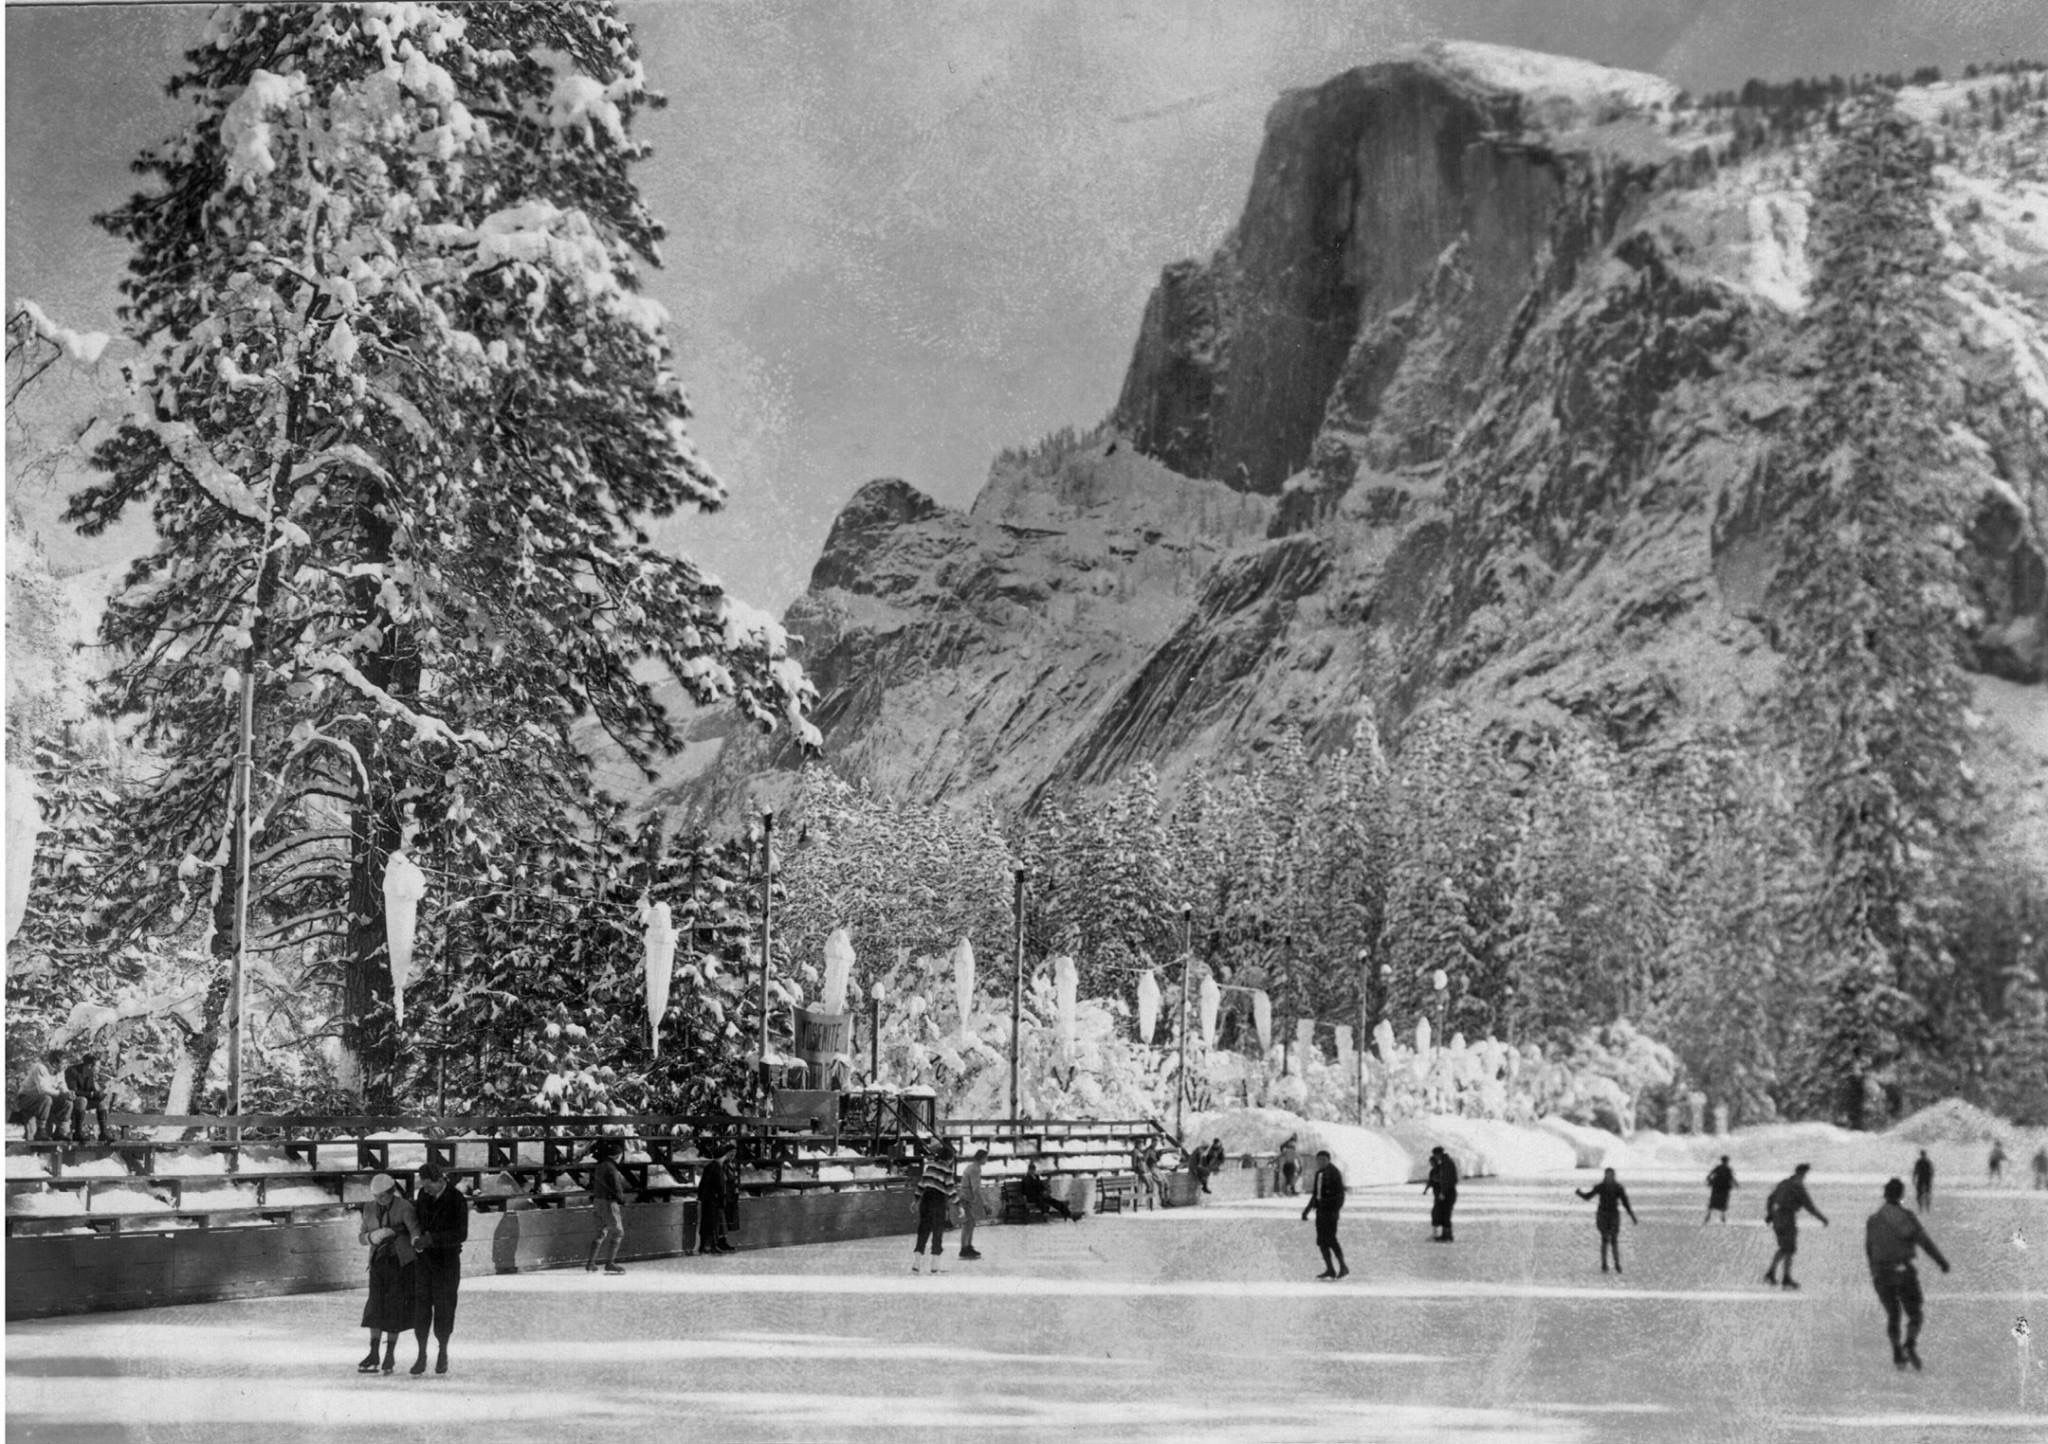 Pin by Joyce jennings on 1960s / 70s   Yosemite national ...